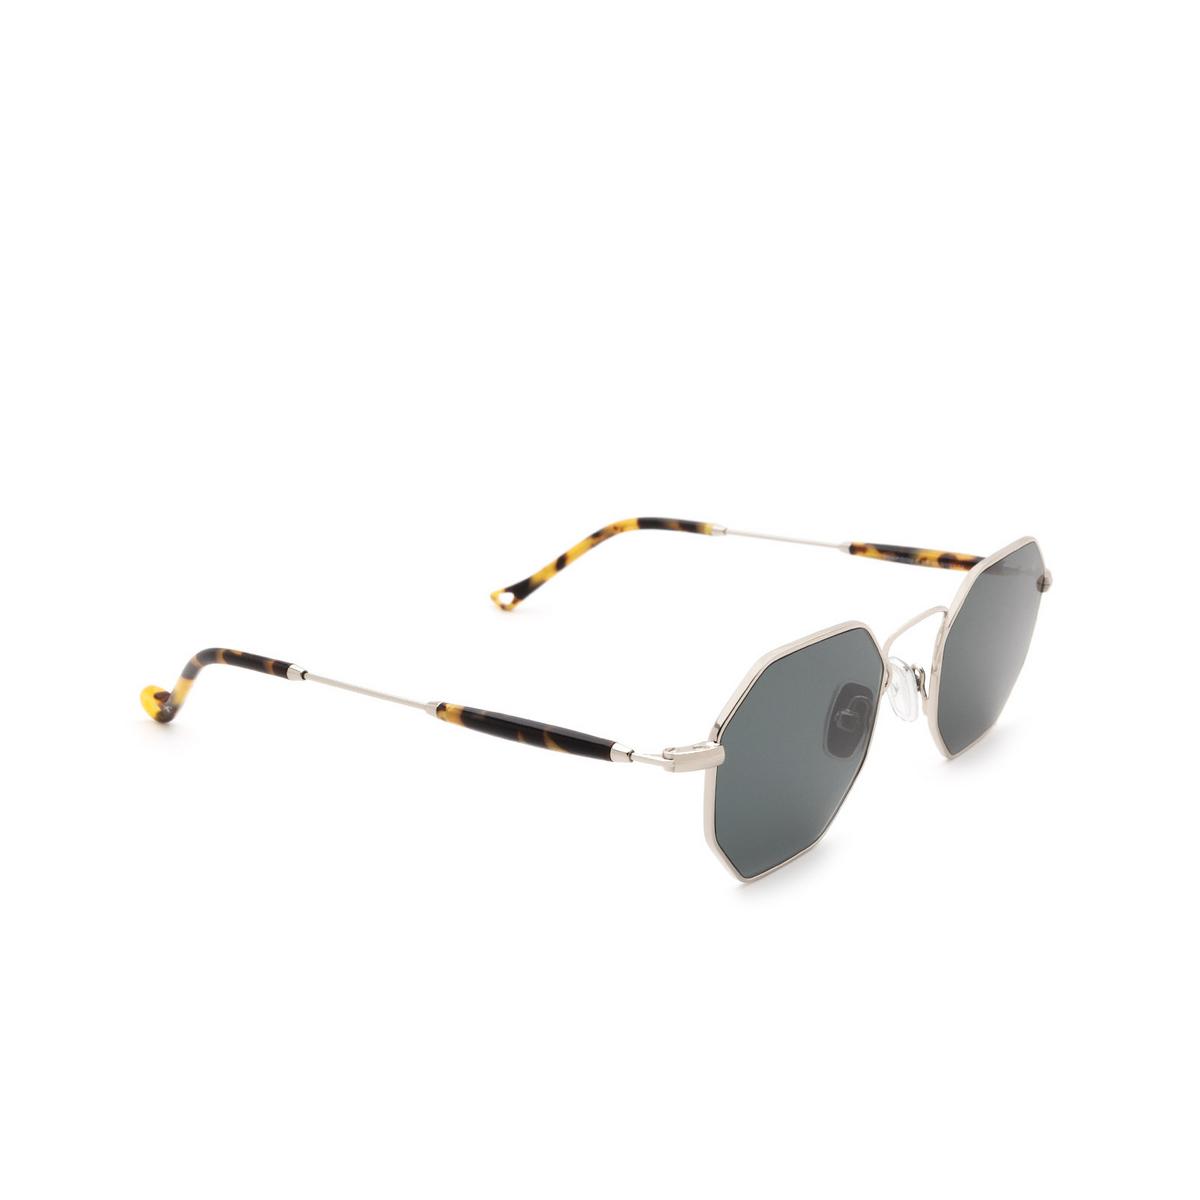 Eyepetizer® Irregular Sunglasses: Pompidou color Silver C.1-F-40 - three-quarters view.